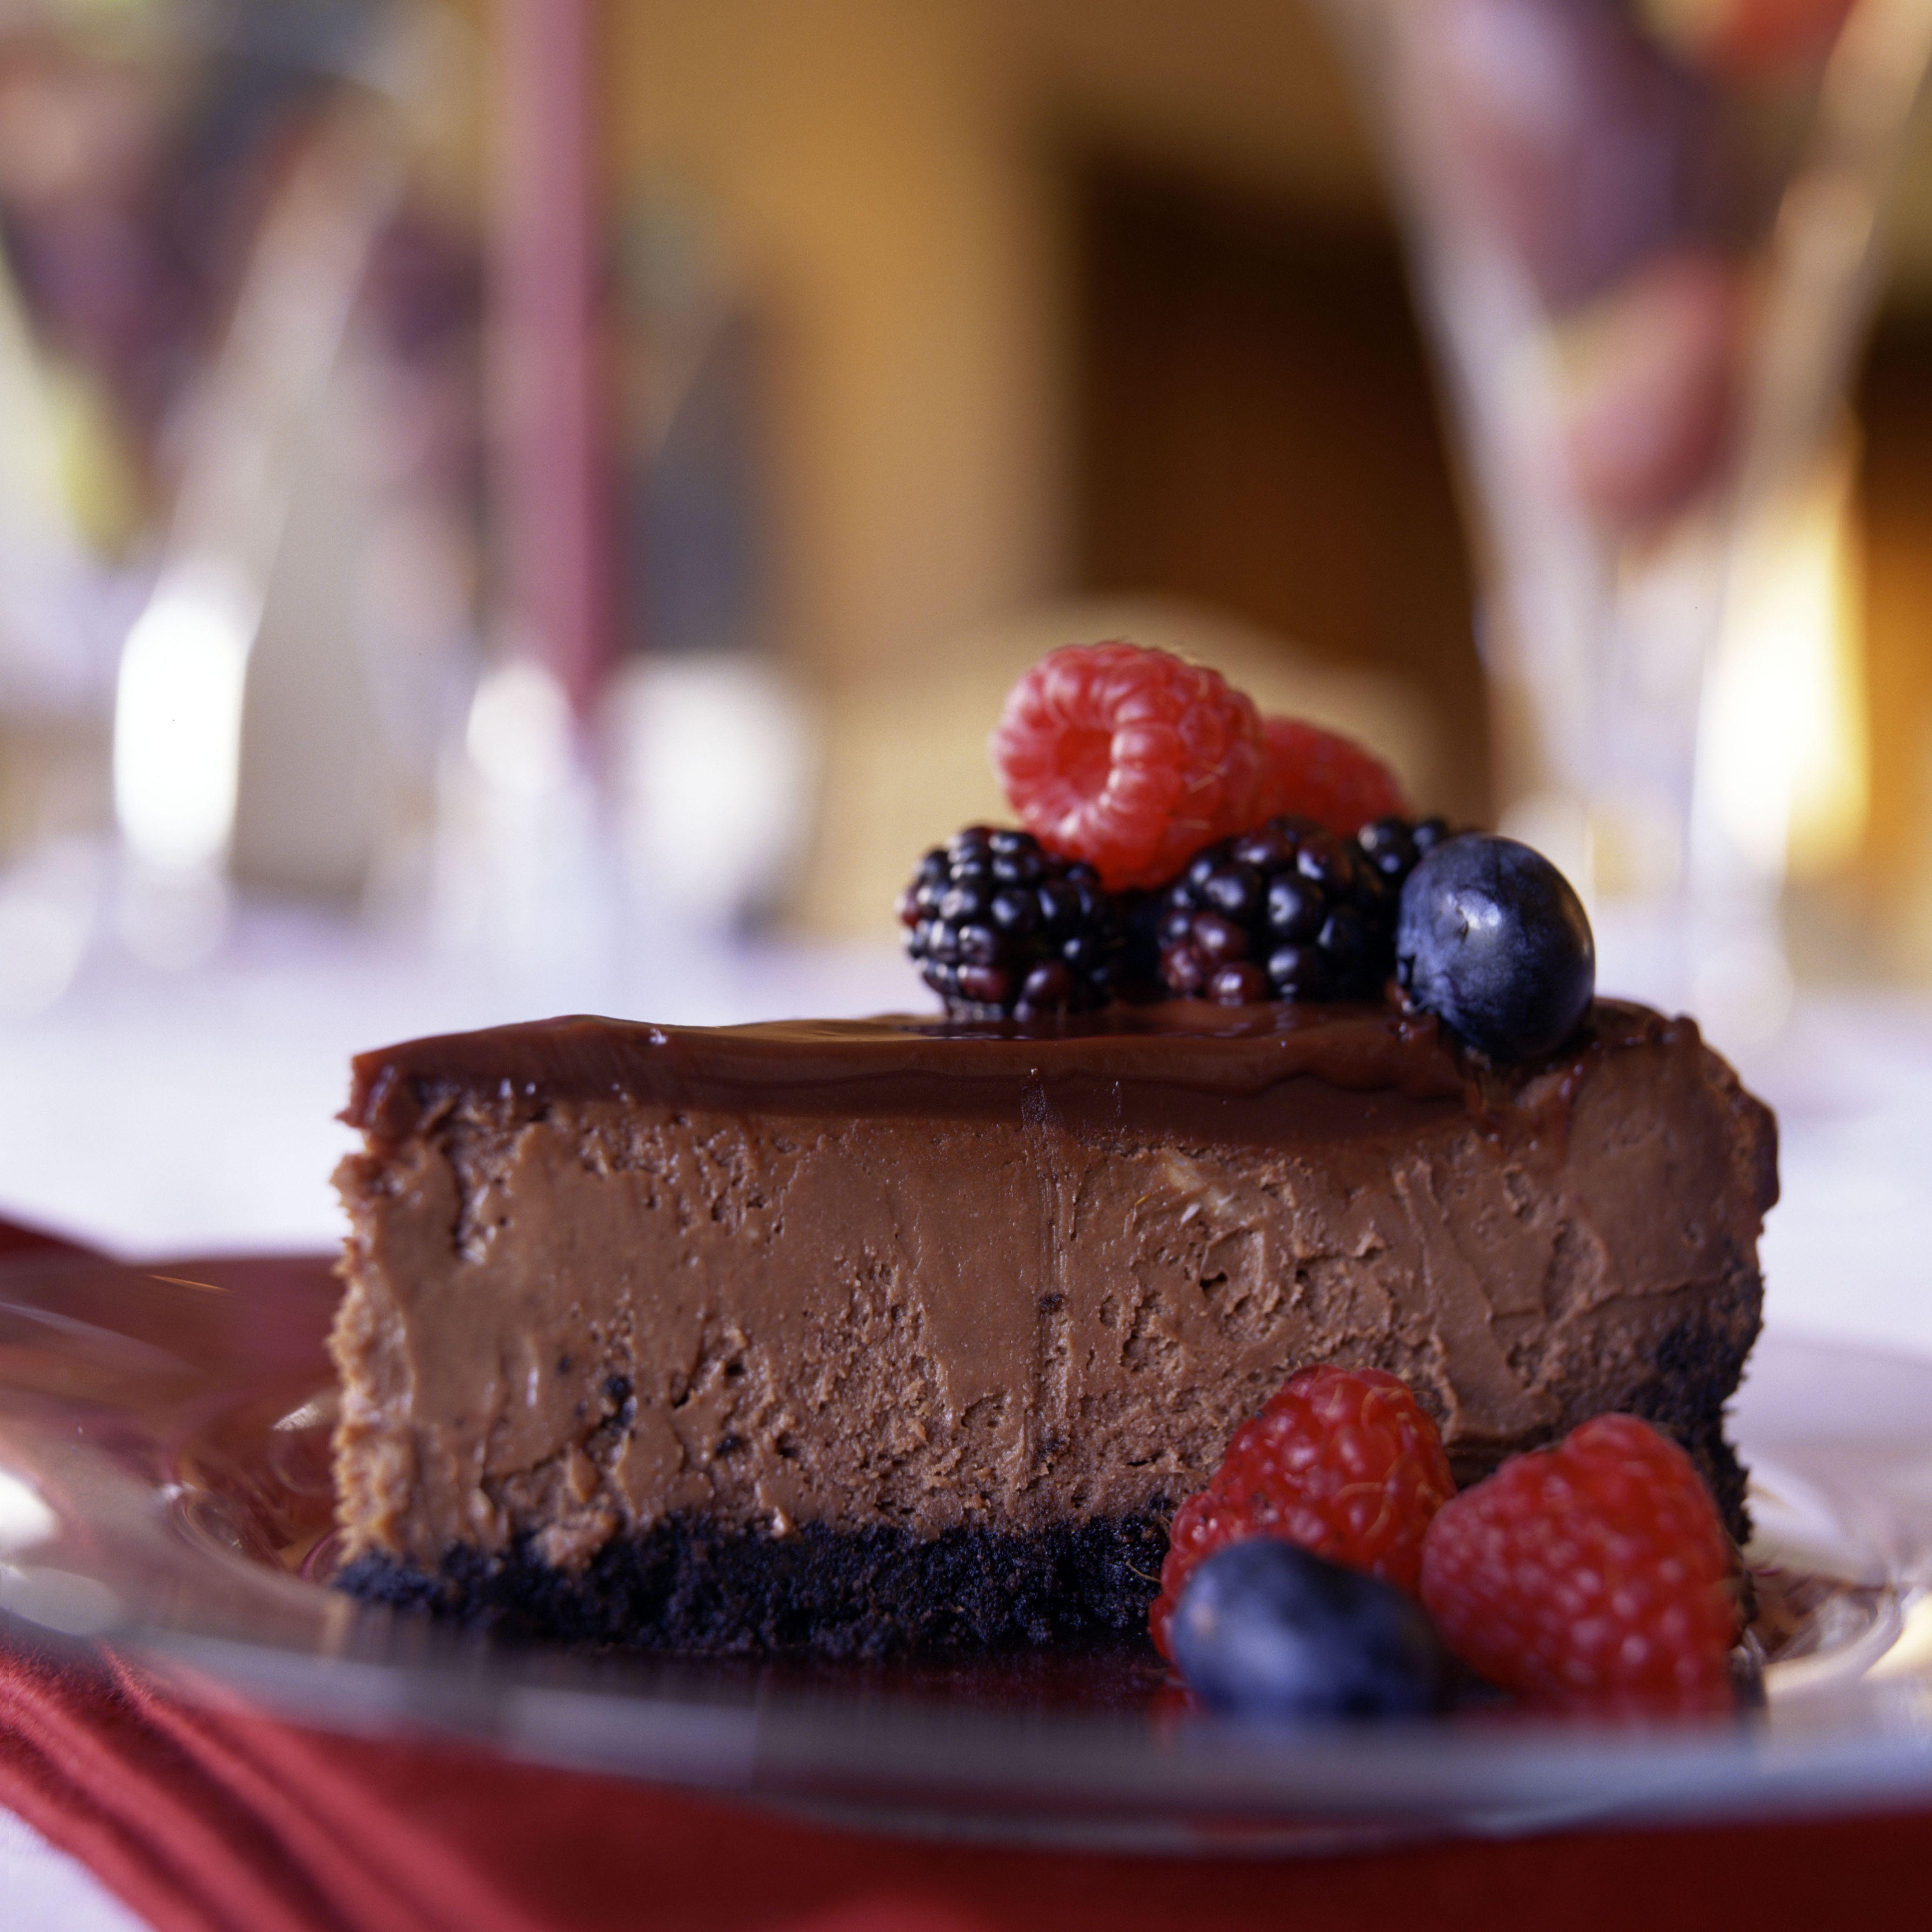 Gluten-Free Irish Cream Chocolate Cheesecake Recipe Image